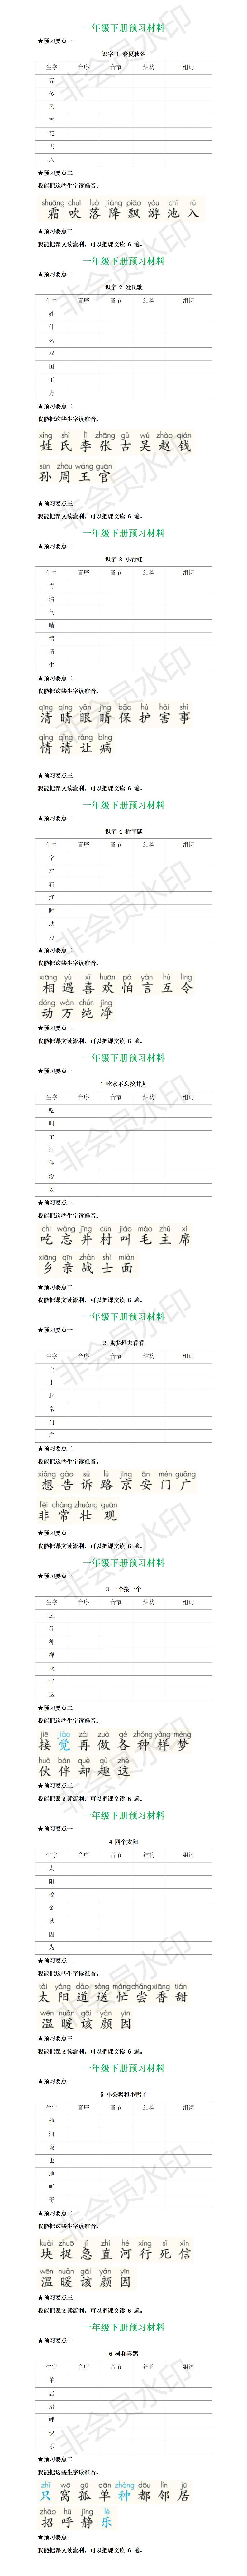 统编一年级语文下册全部课文预习清单1.png